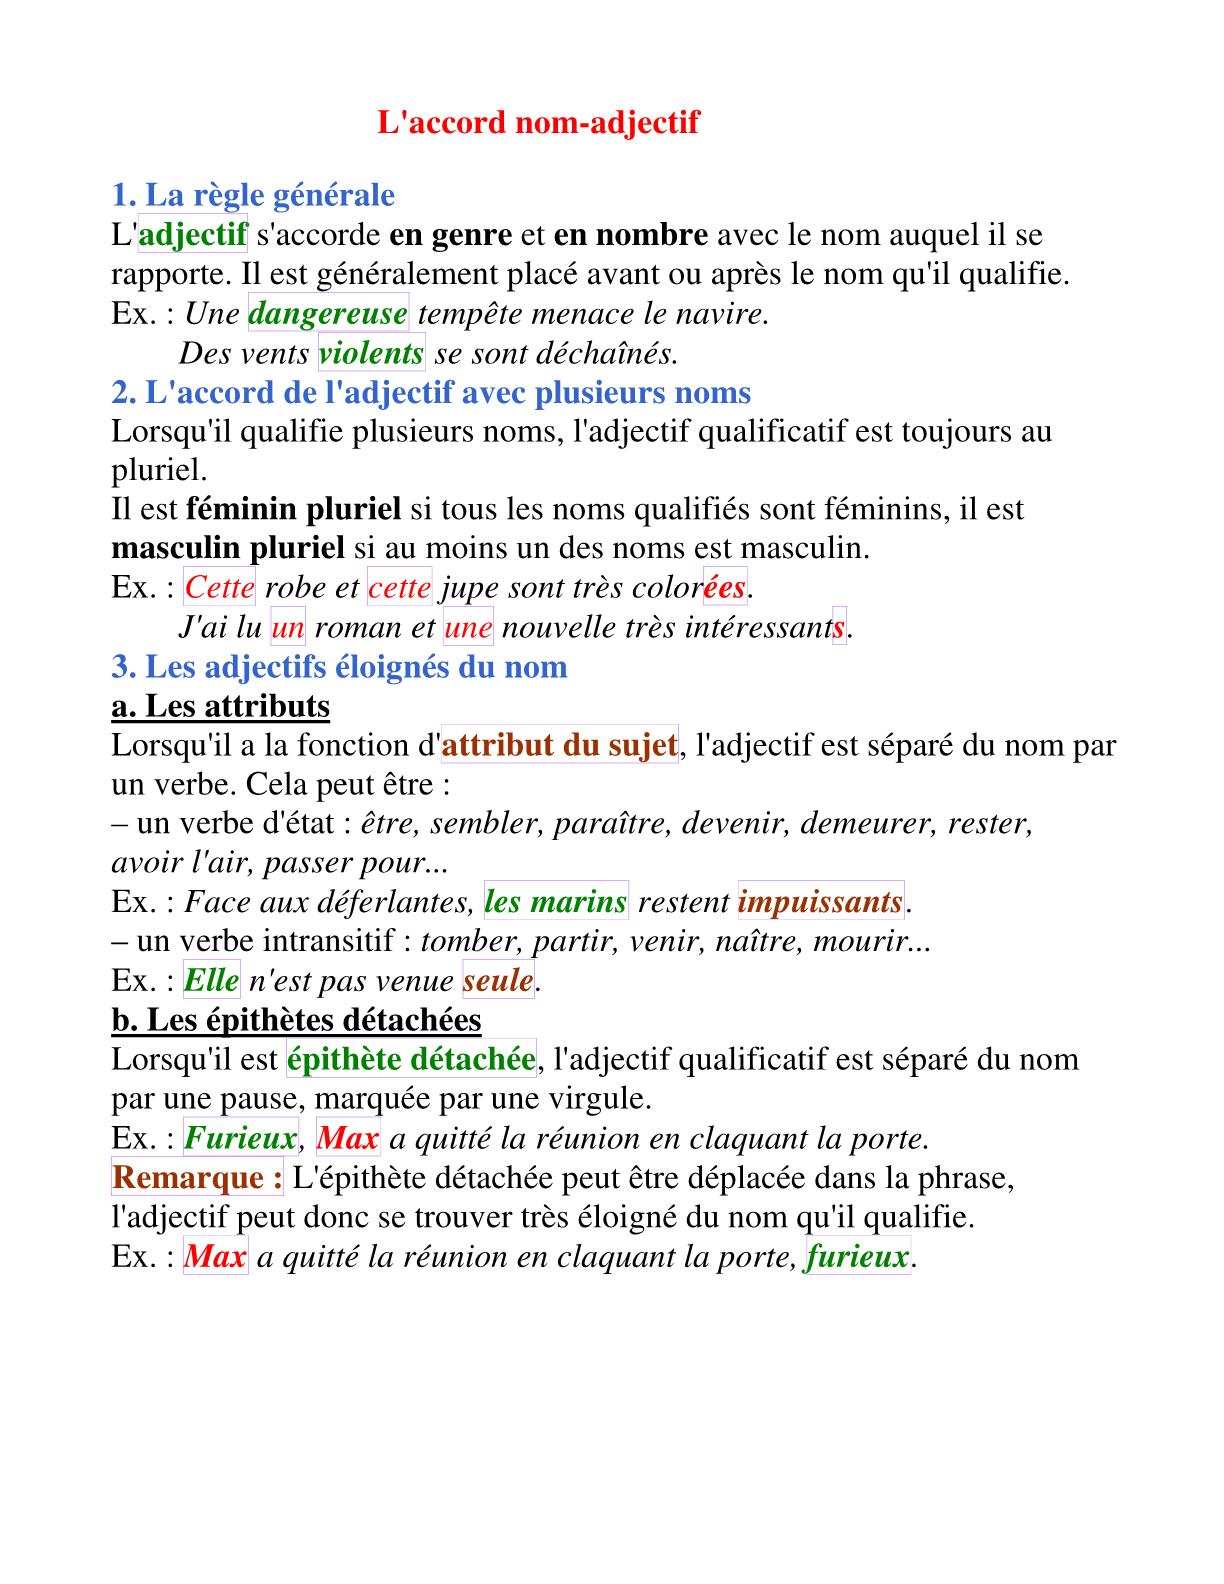 درس L'accord nom-adjectif الأولى إعدادي